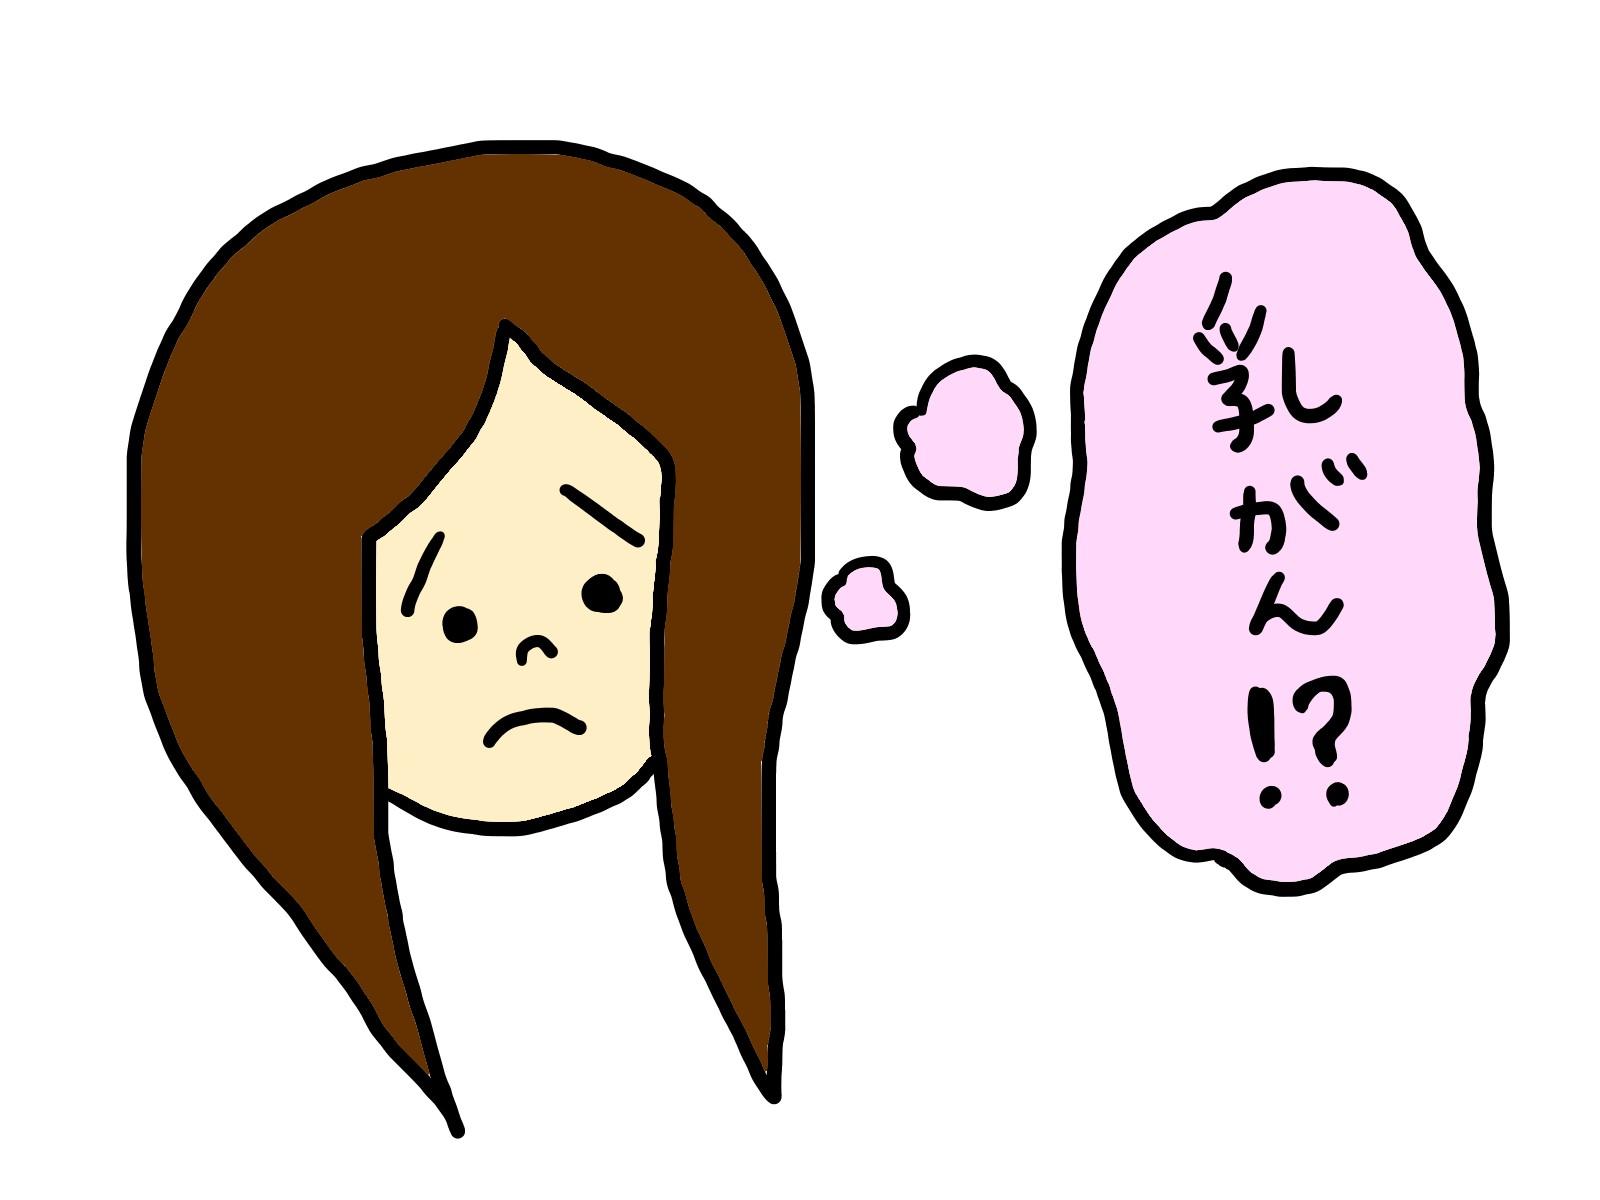 海老蔵さんの妻 麻央さんの乳がんは「転移性乳がん」かもしれない